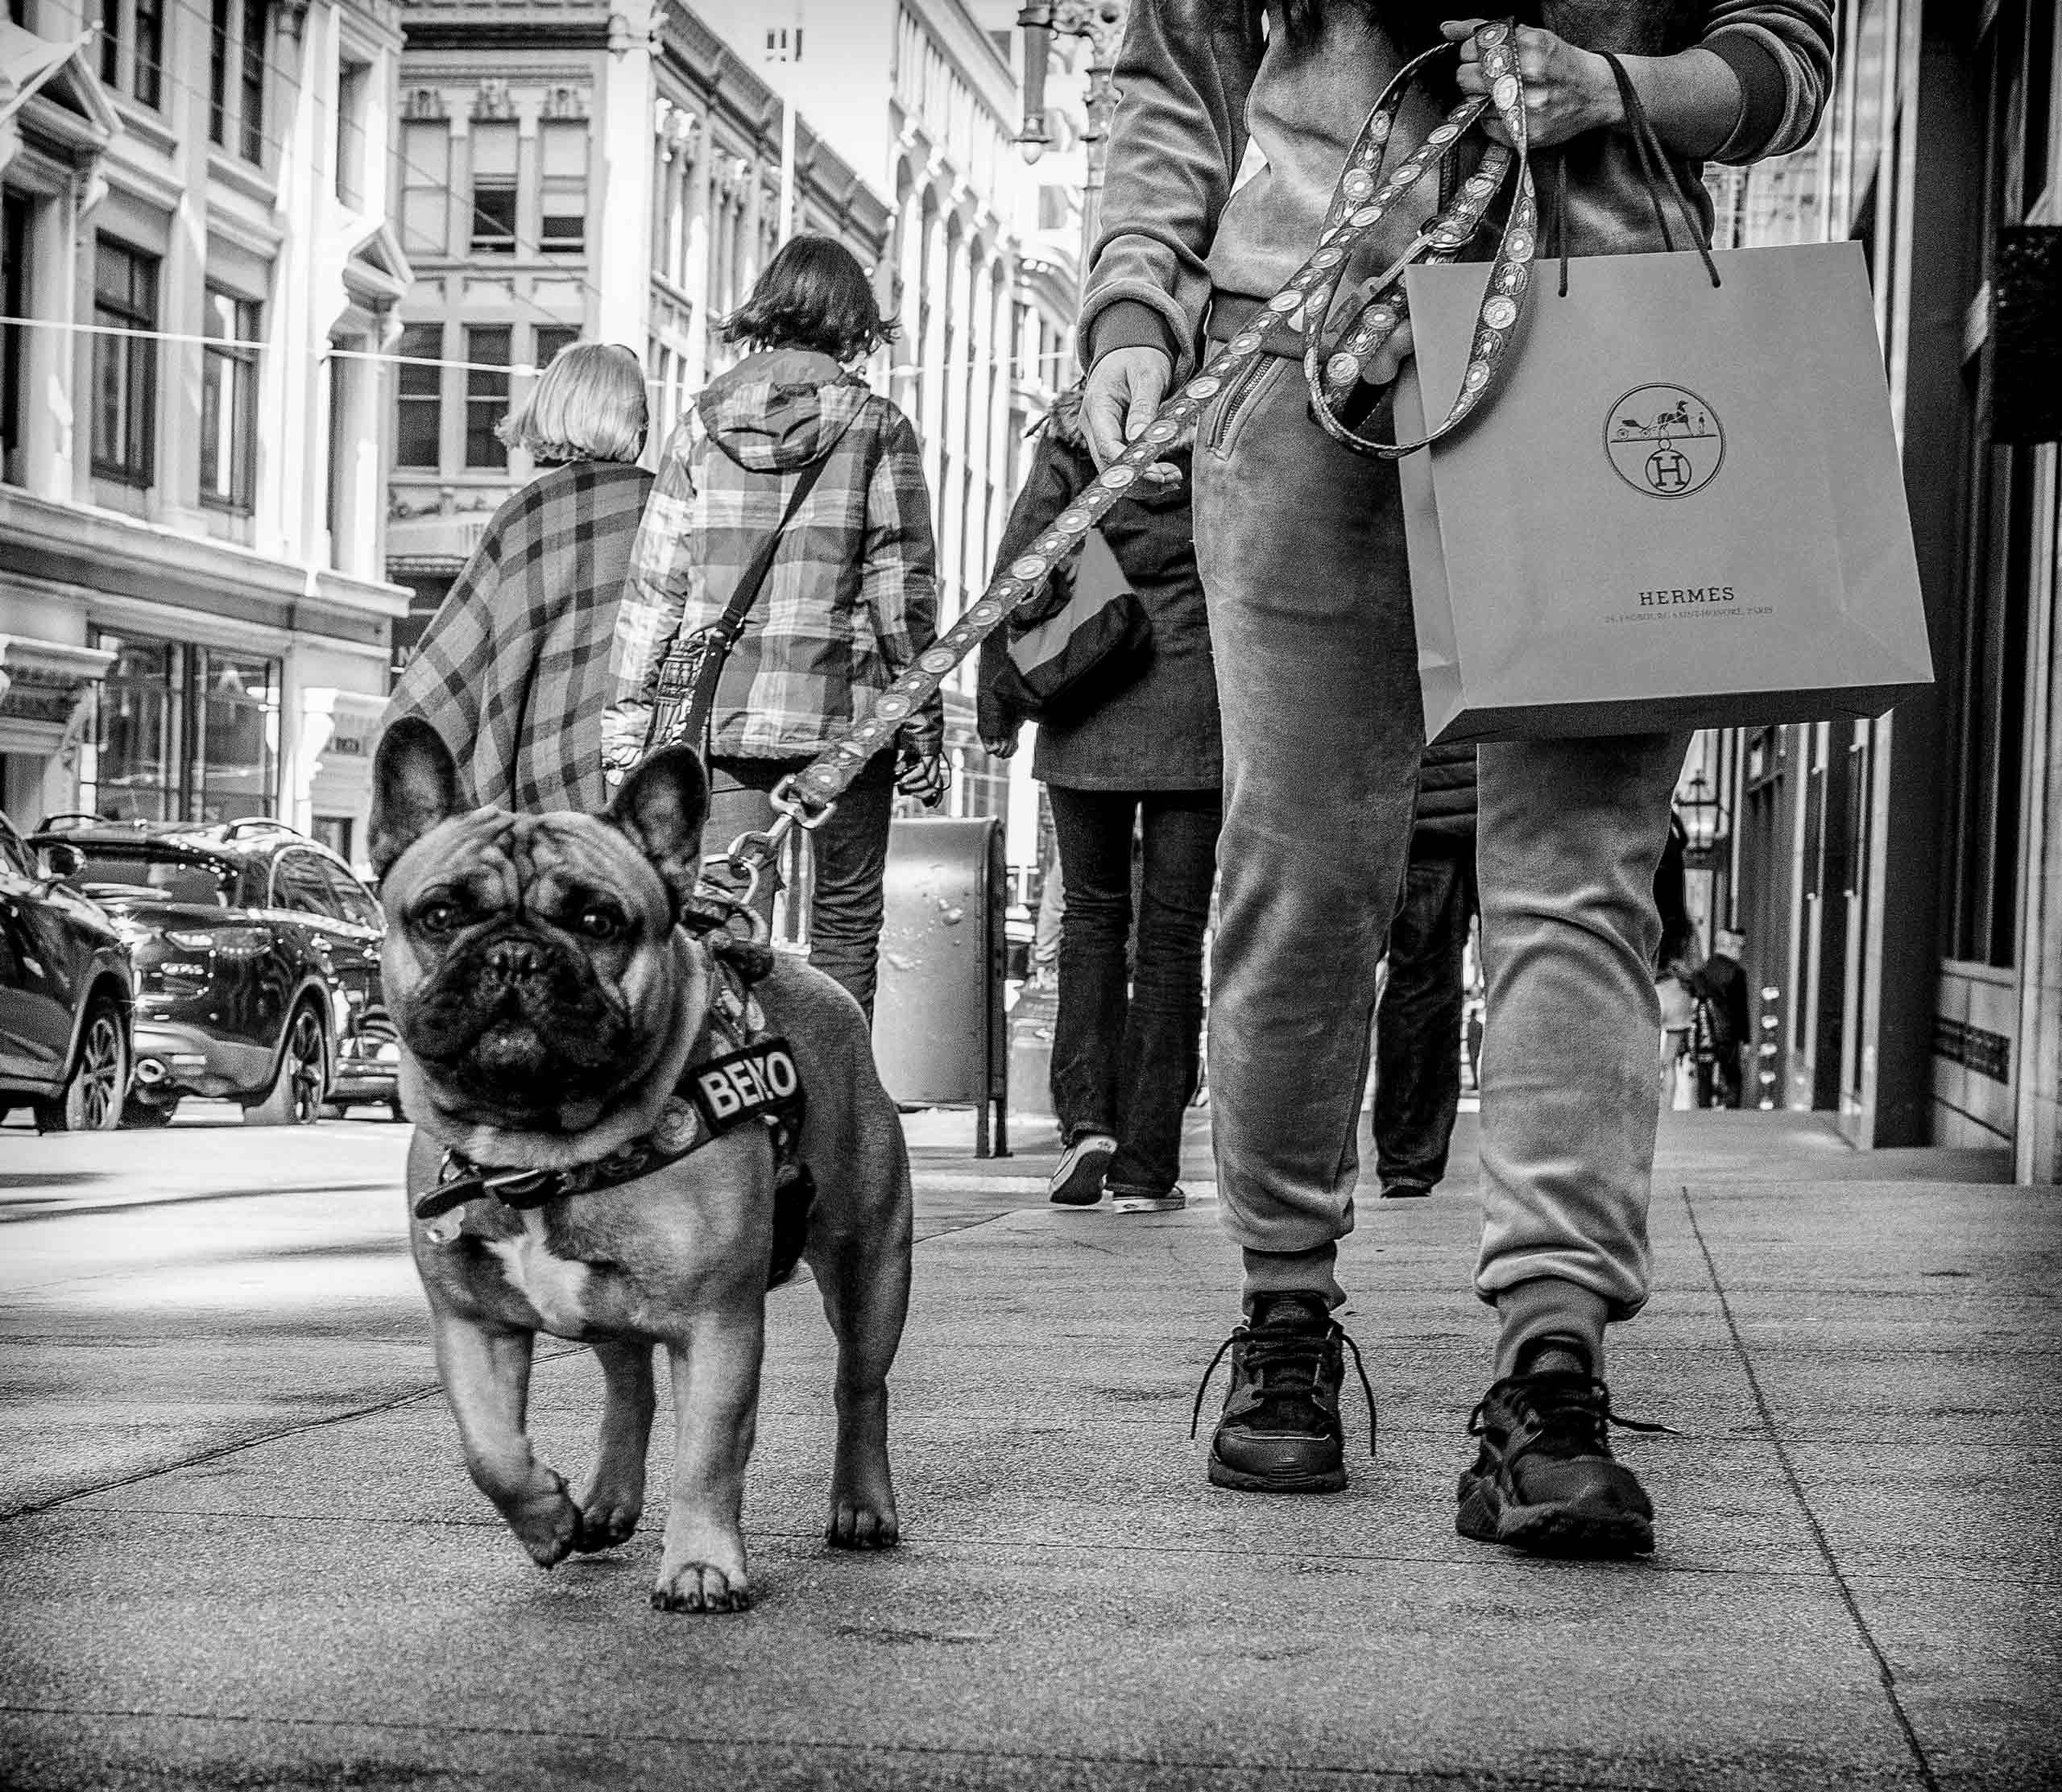 20170406-_Bull_Dog.jpg